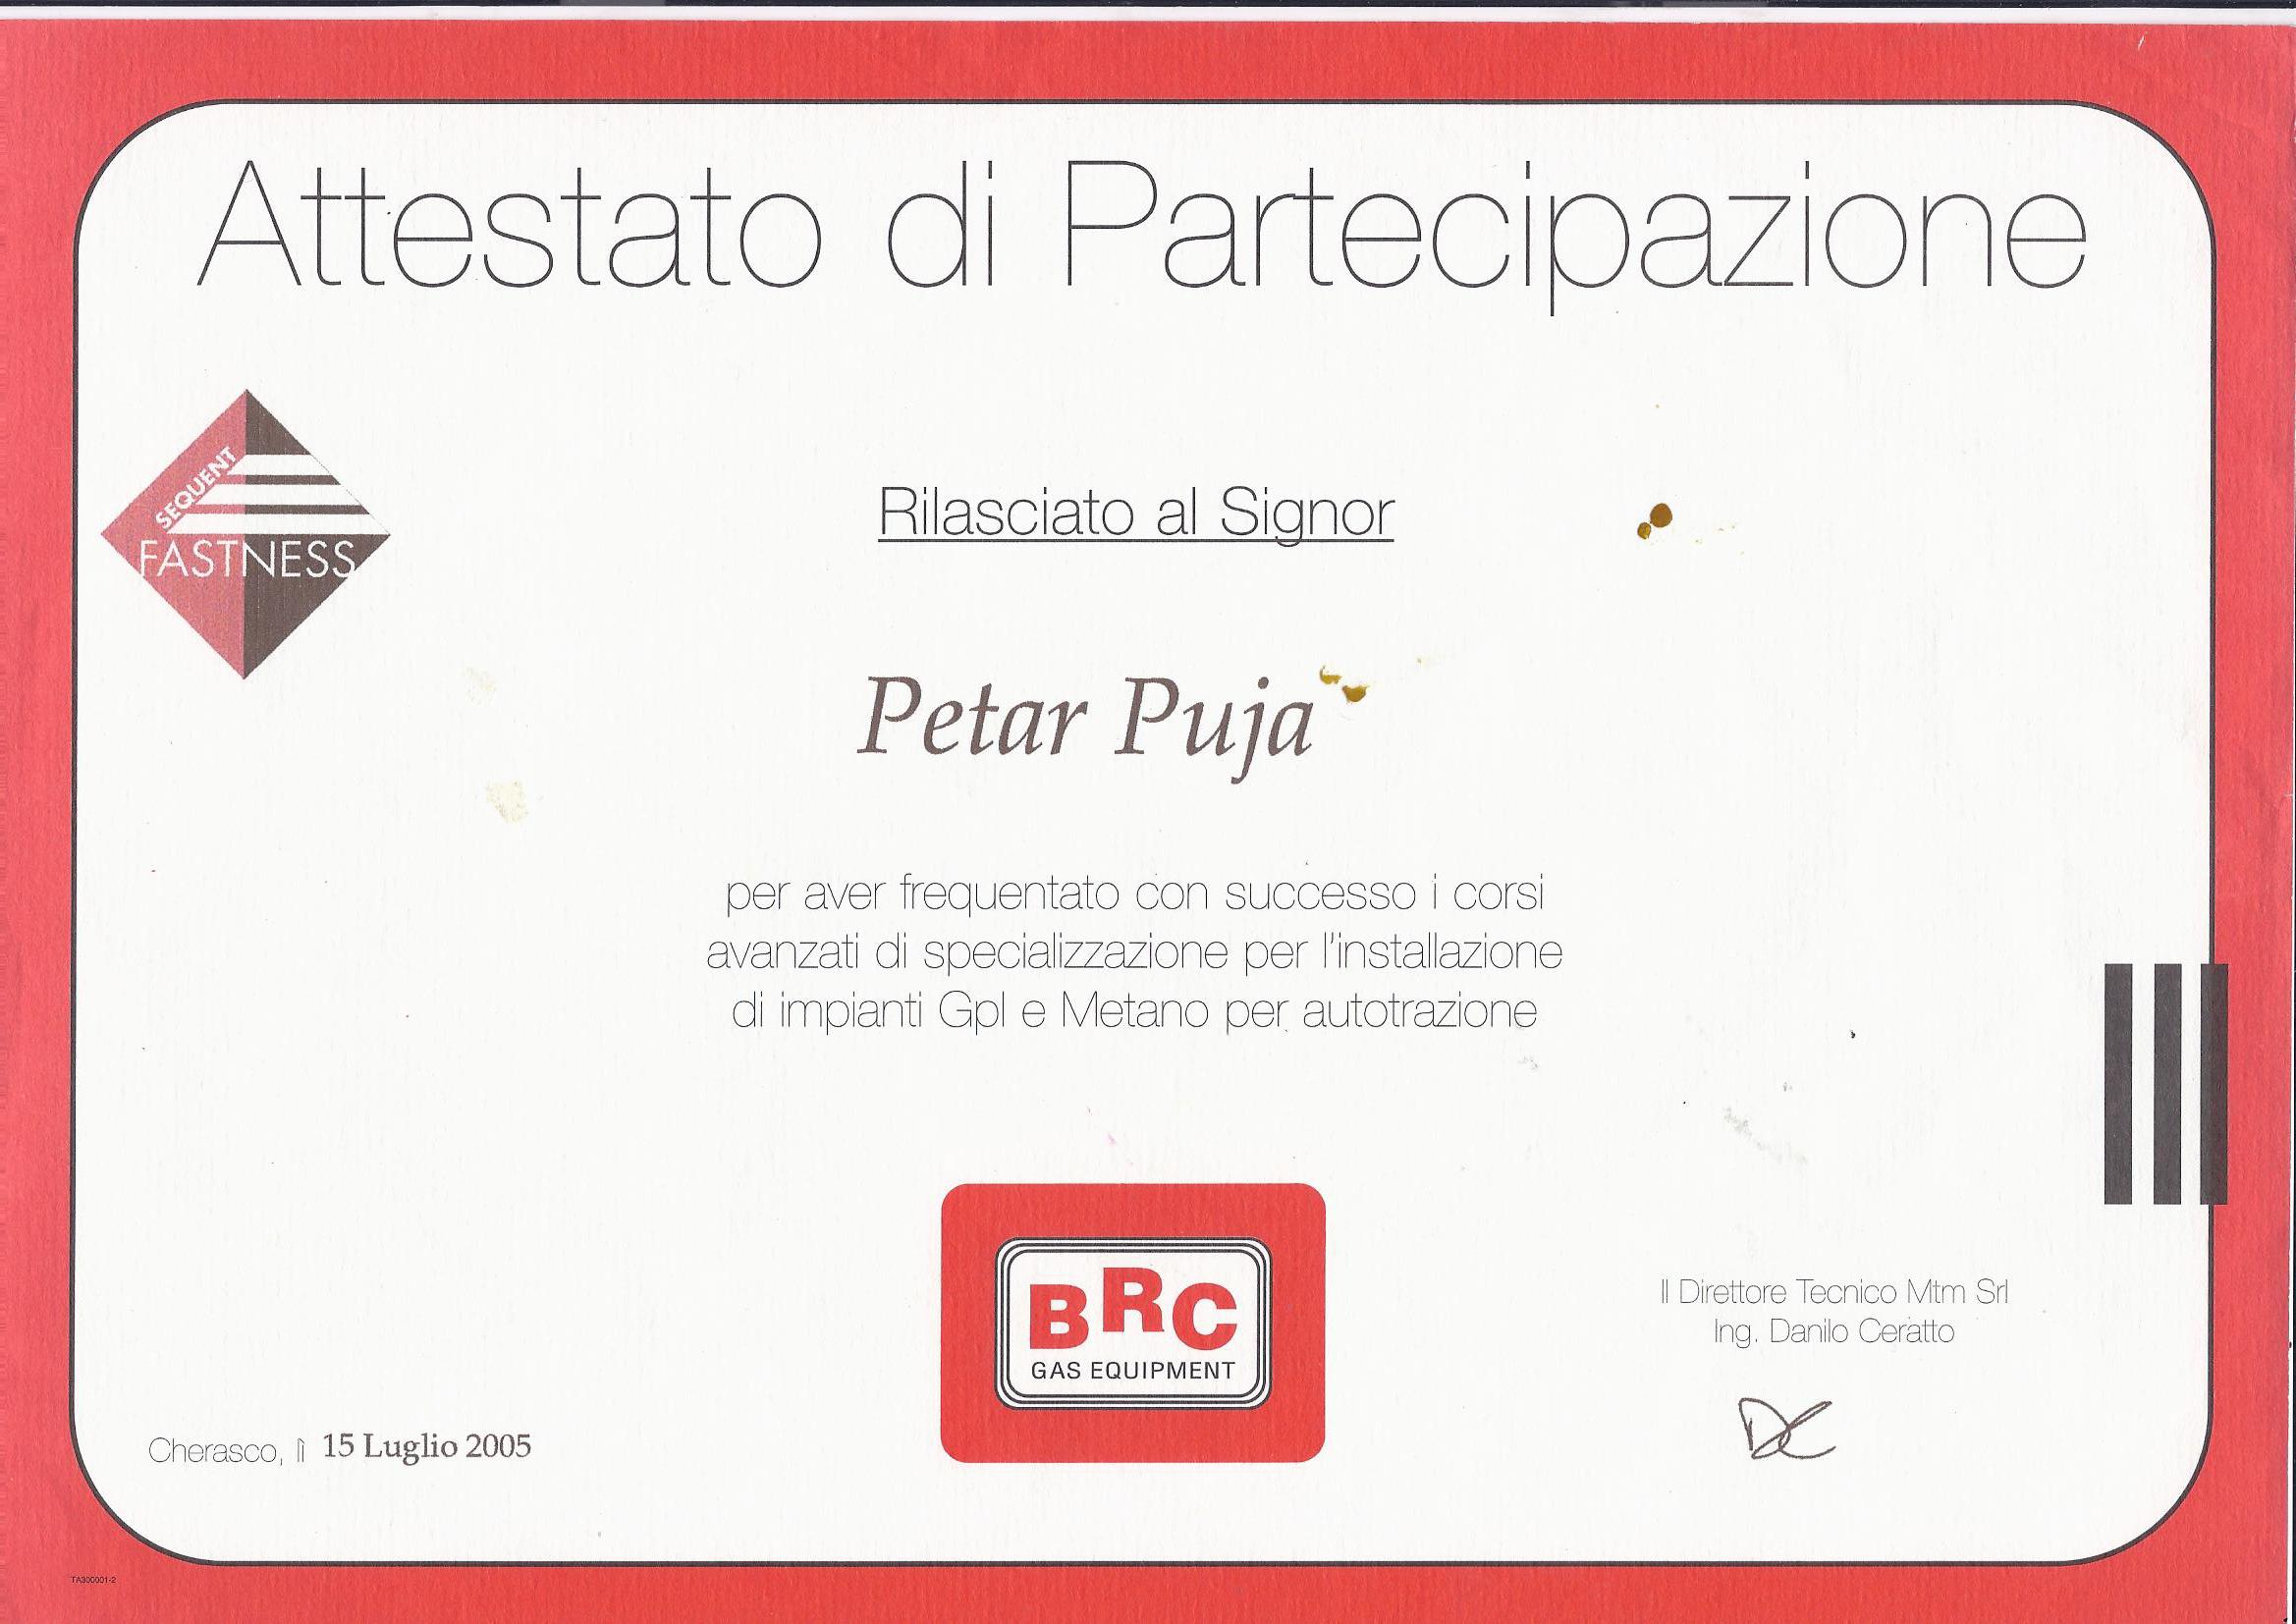 attestato di partecipazione BRC 2015-3